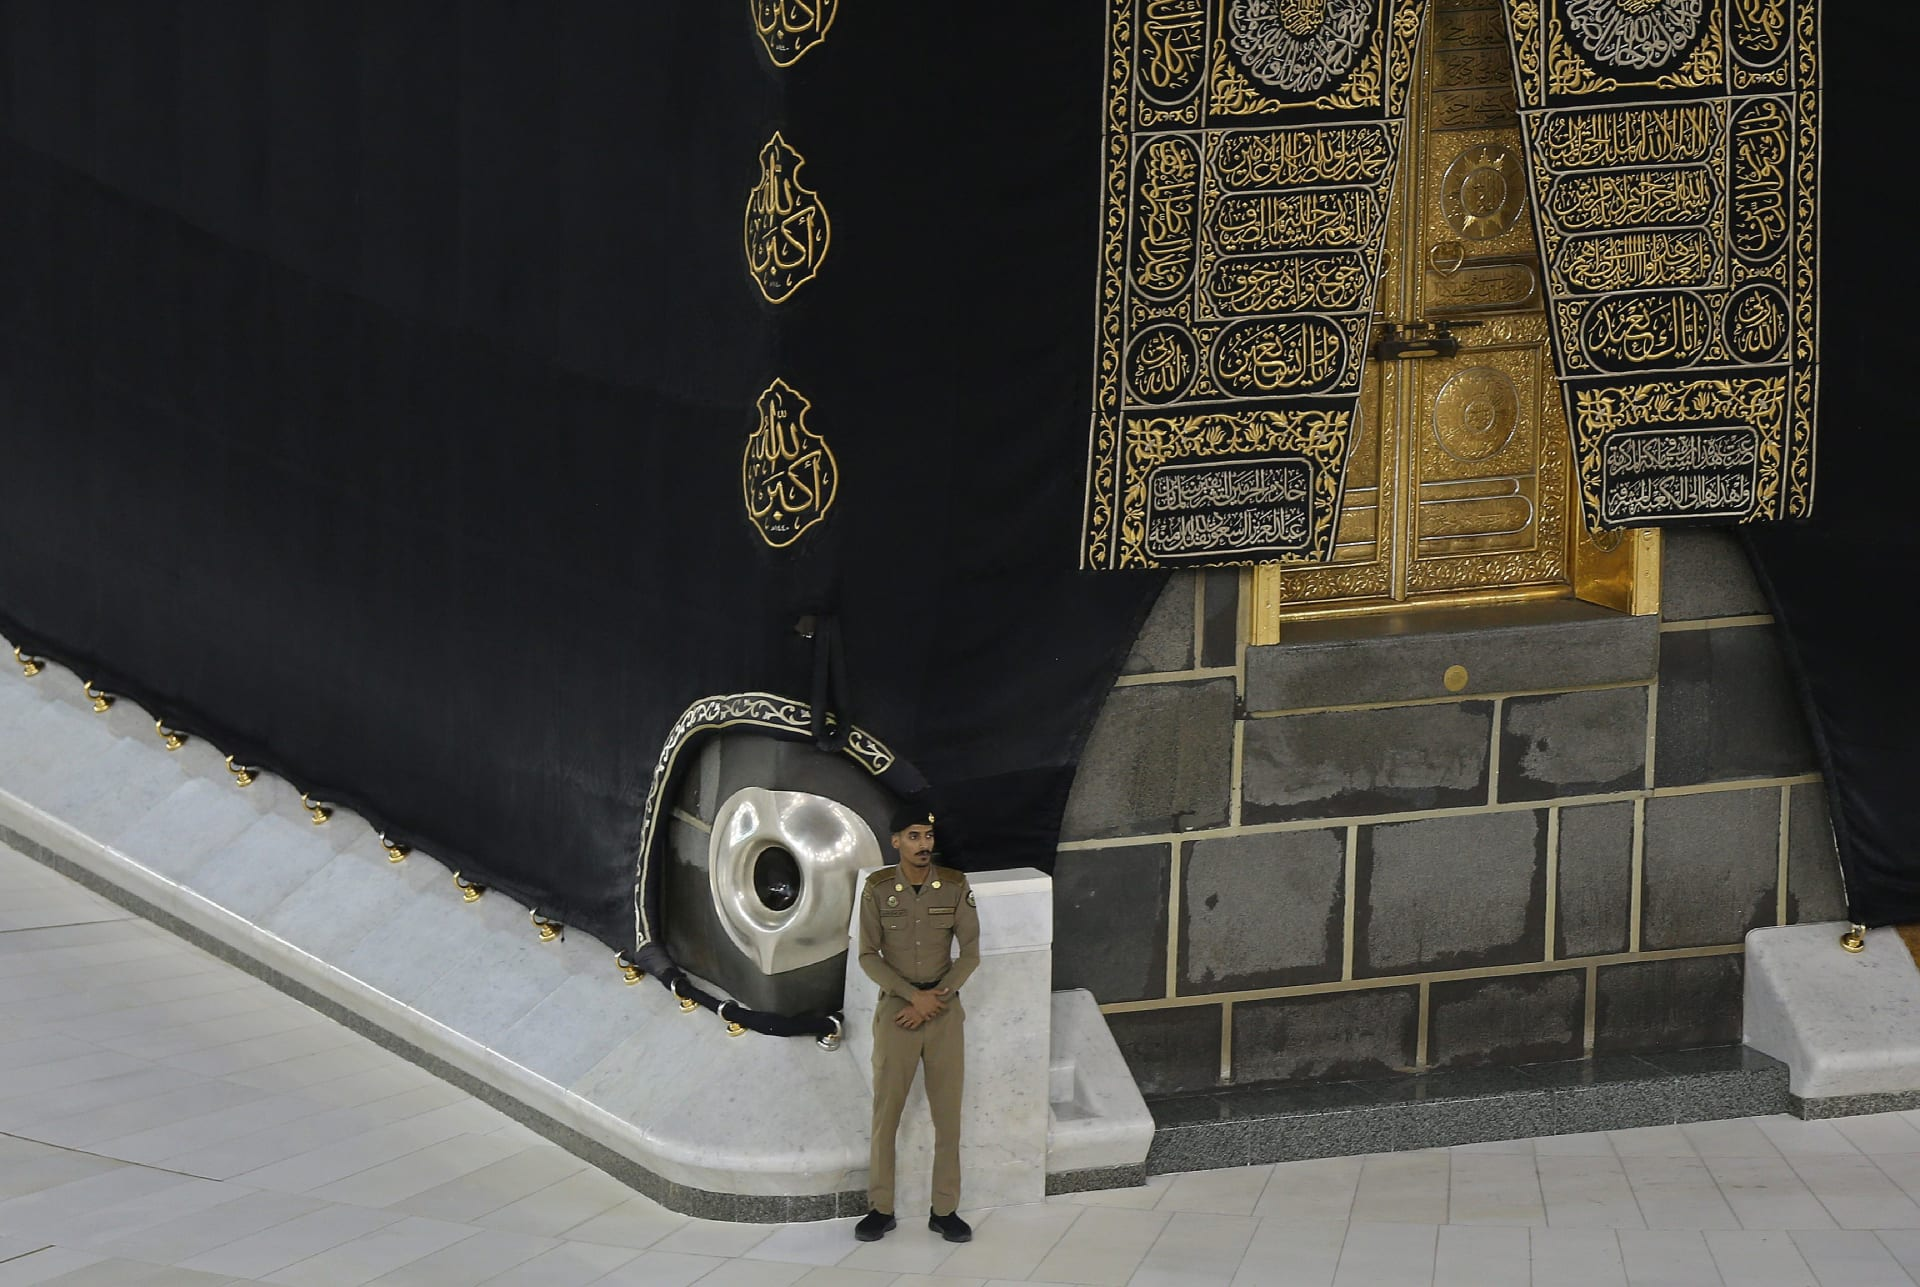 صورة أرشيفية لعنصر أمن سعودي يقف إلى جانب موقع الحجر الأسود